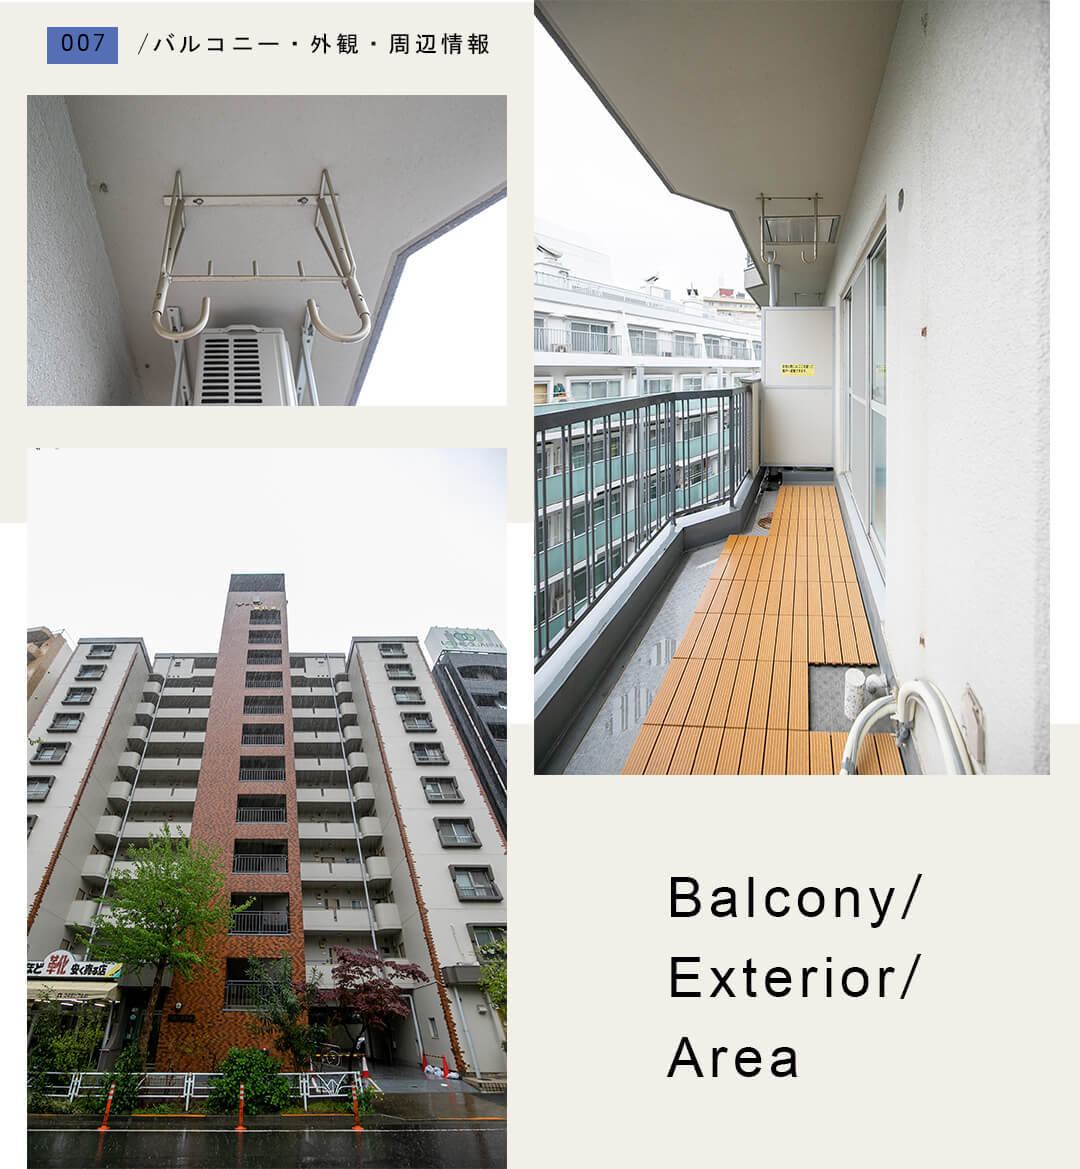 007バルコニー,外観,周辺情報,Balcony,Area,Exterior